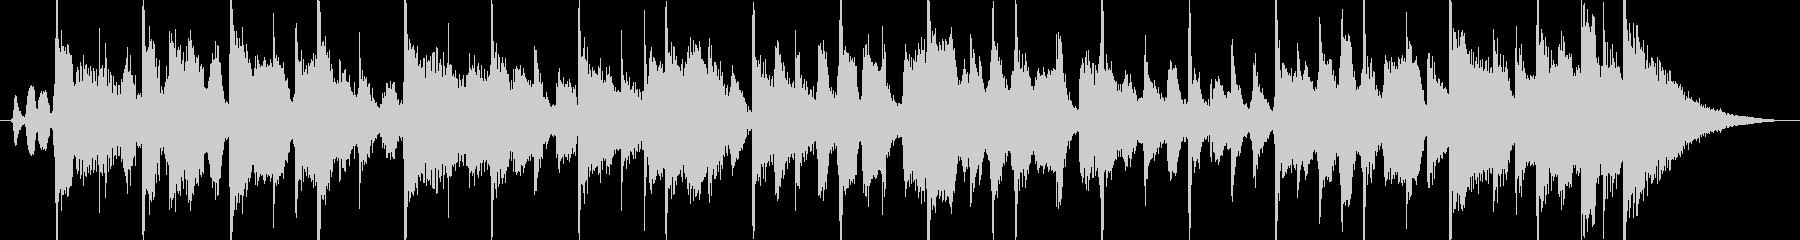 ハーモニカ生演奏カントリーロック風の未再生の波形